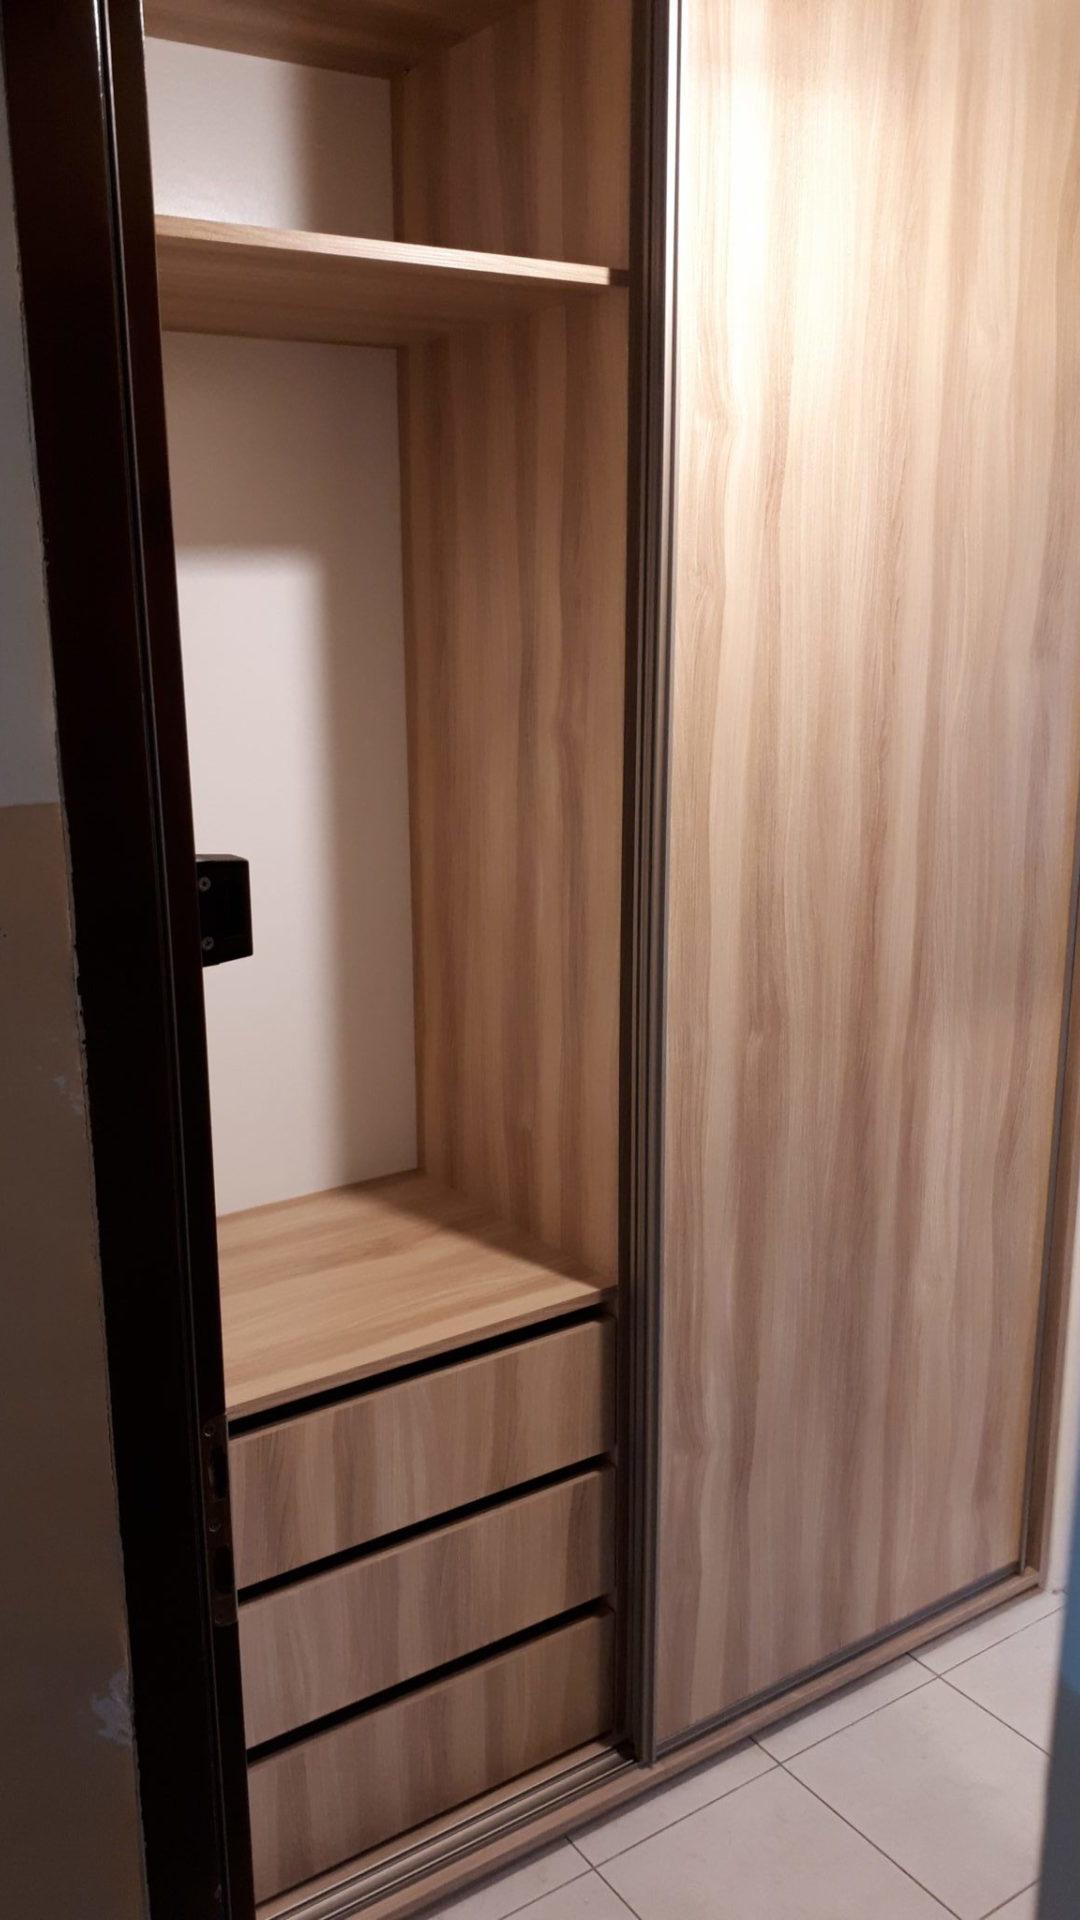 Pokój gościnny, szafa wnękowa.